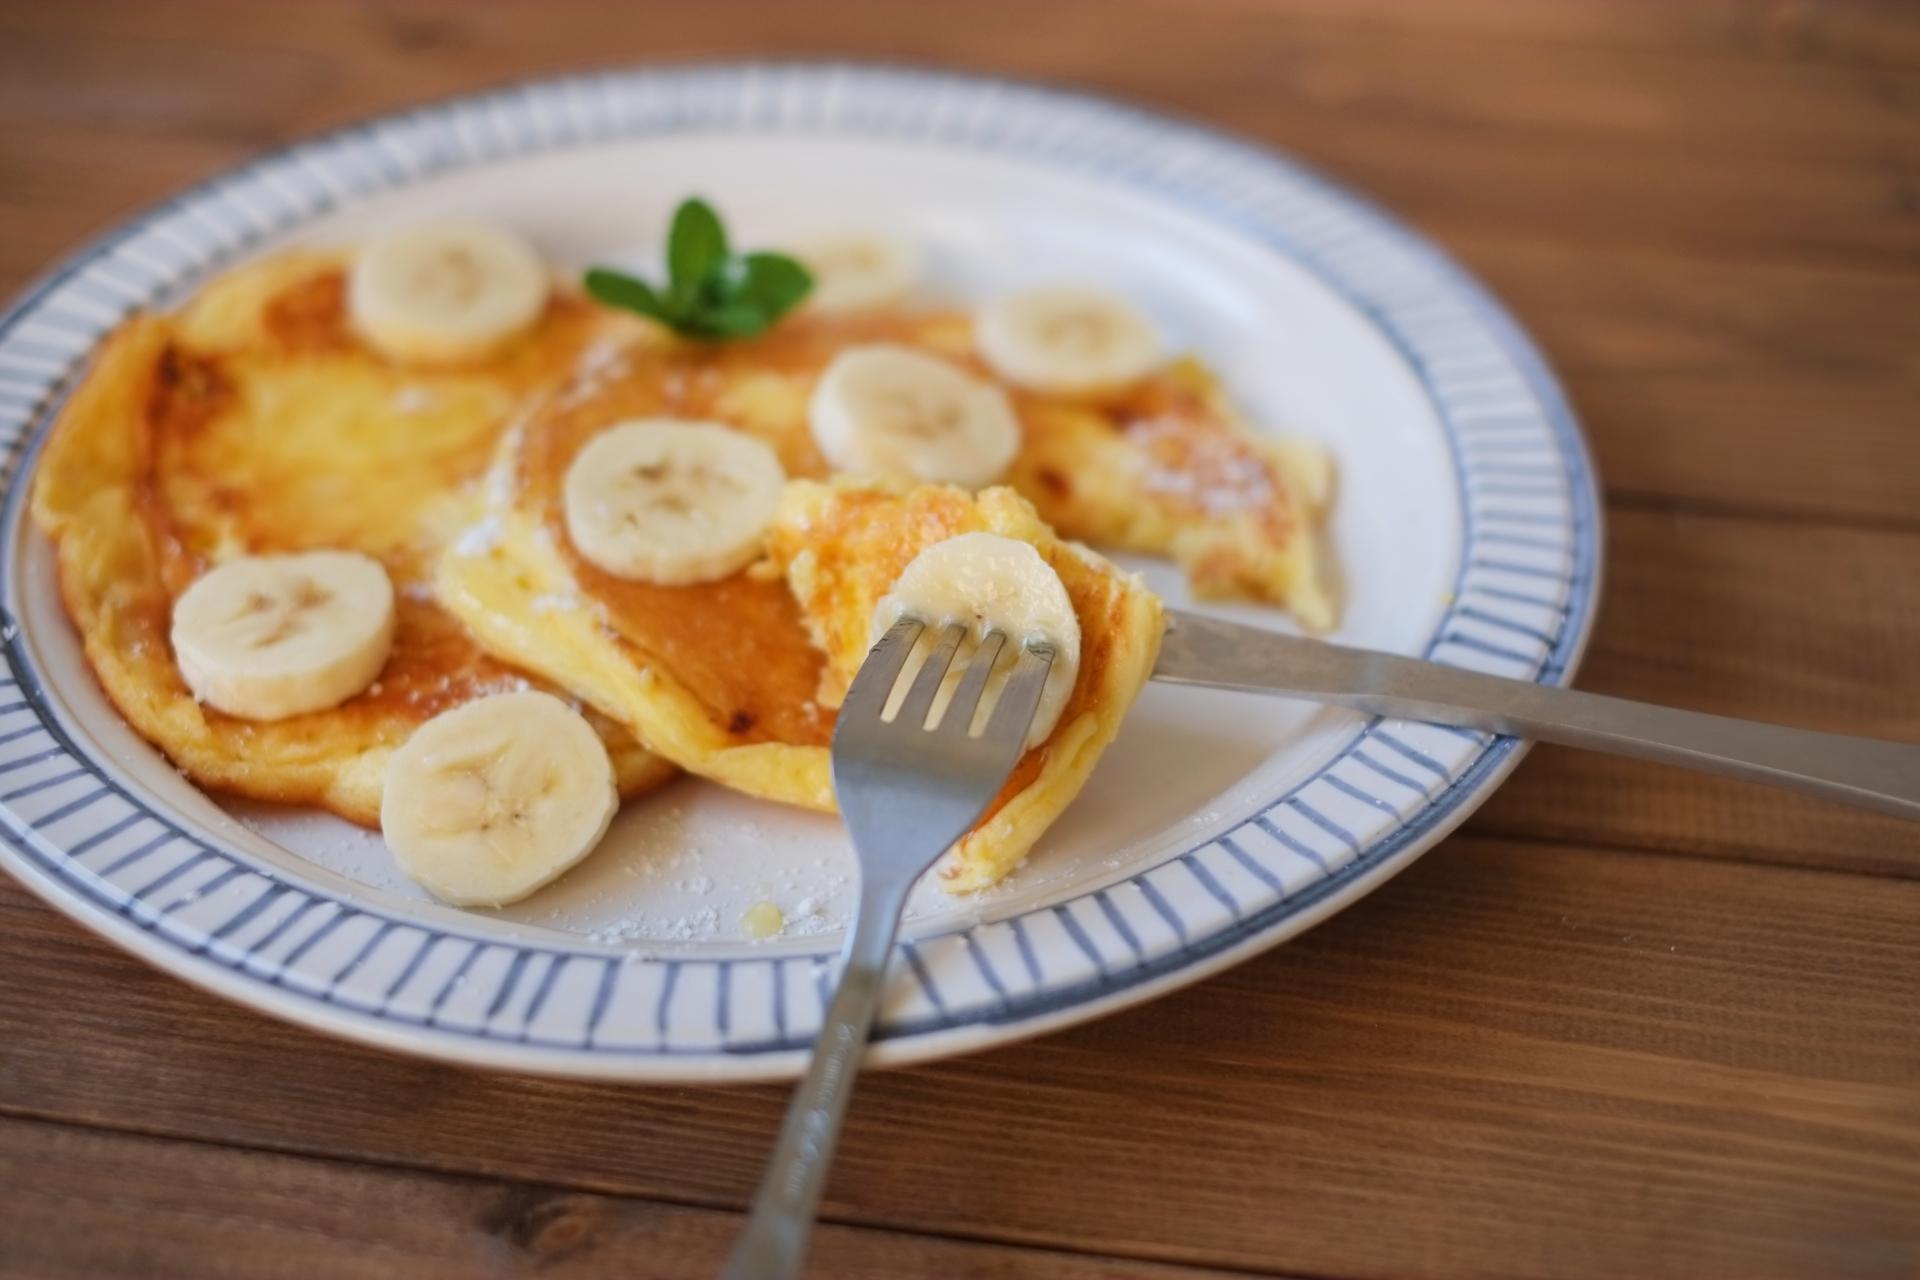 熟して変色したバナナをパンケーキに